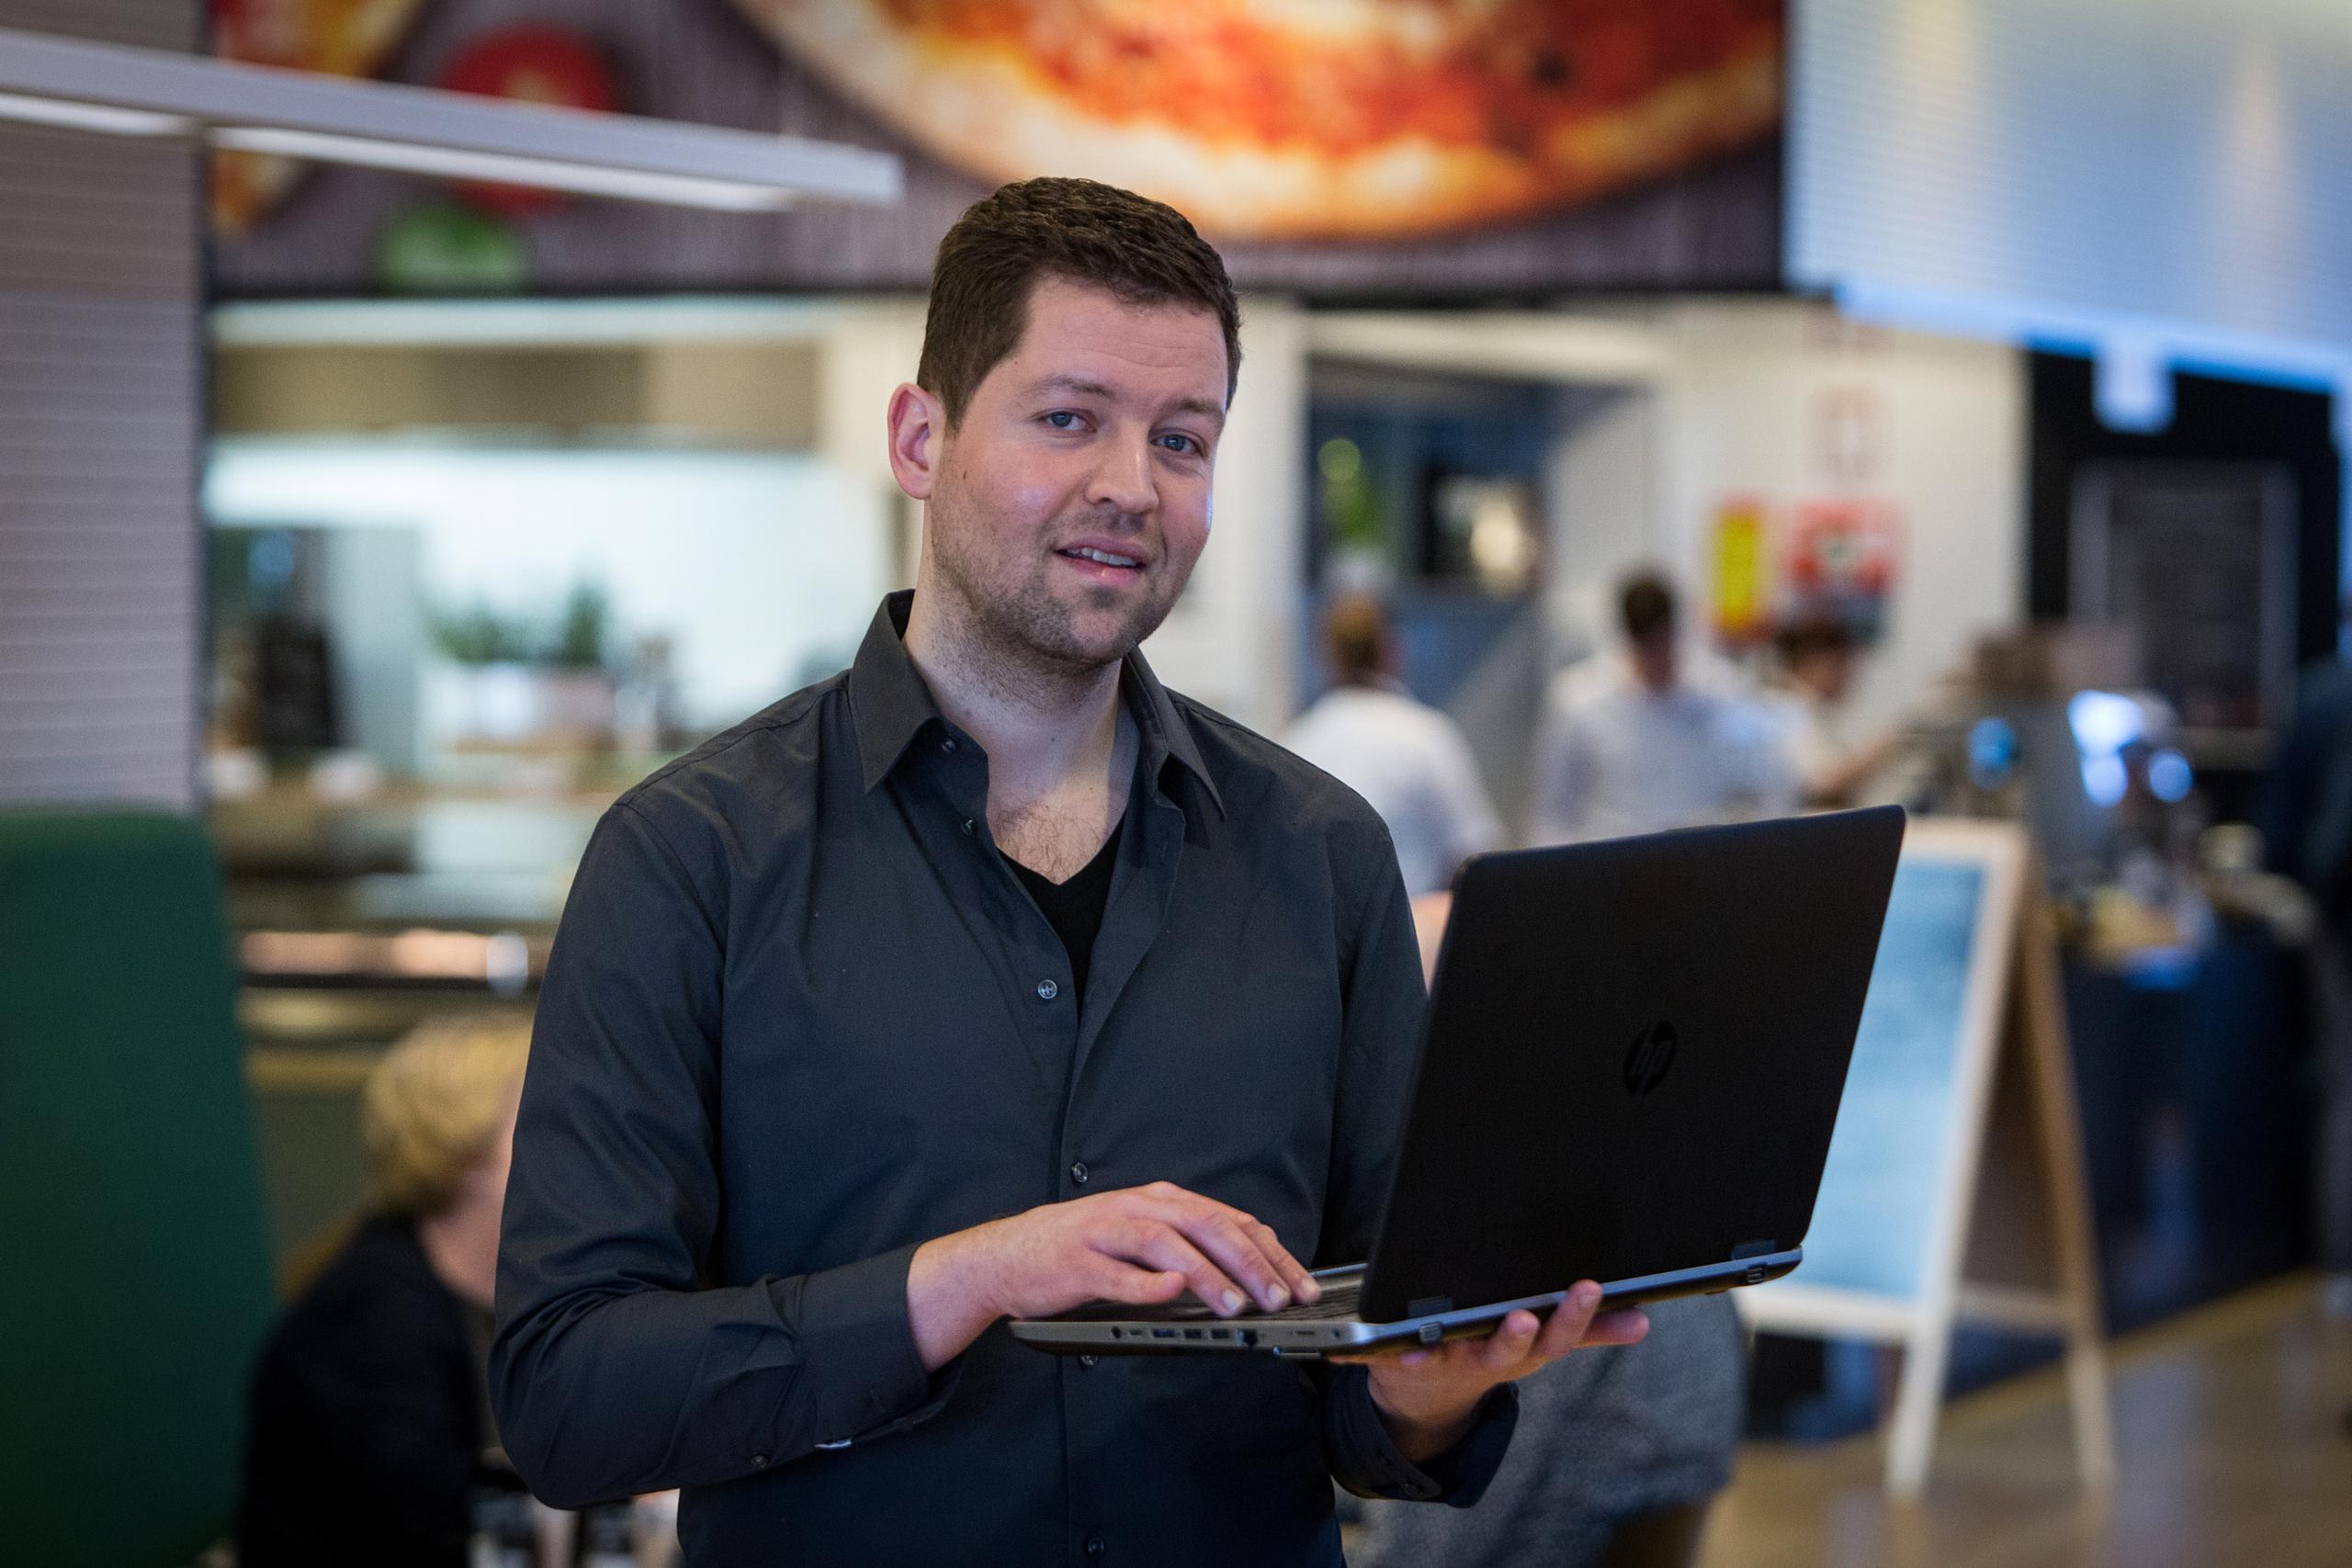 een mannelijke collega staat met zijn laptop zijn hand. Op de achtergrond is de koffiebar van het stadskantoor.